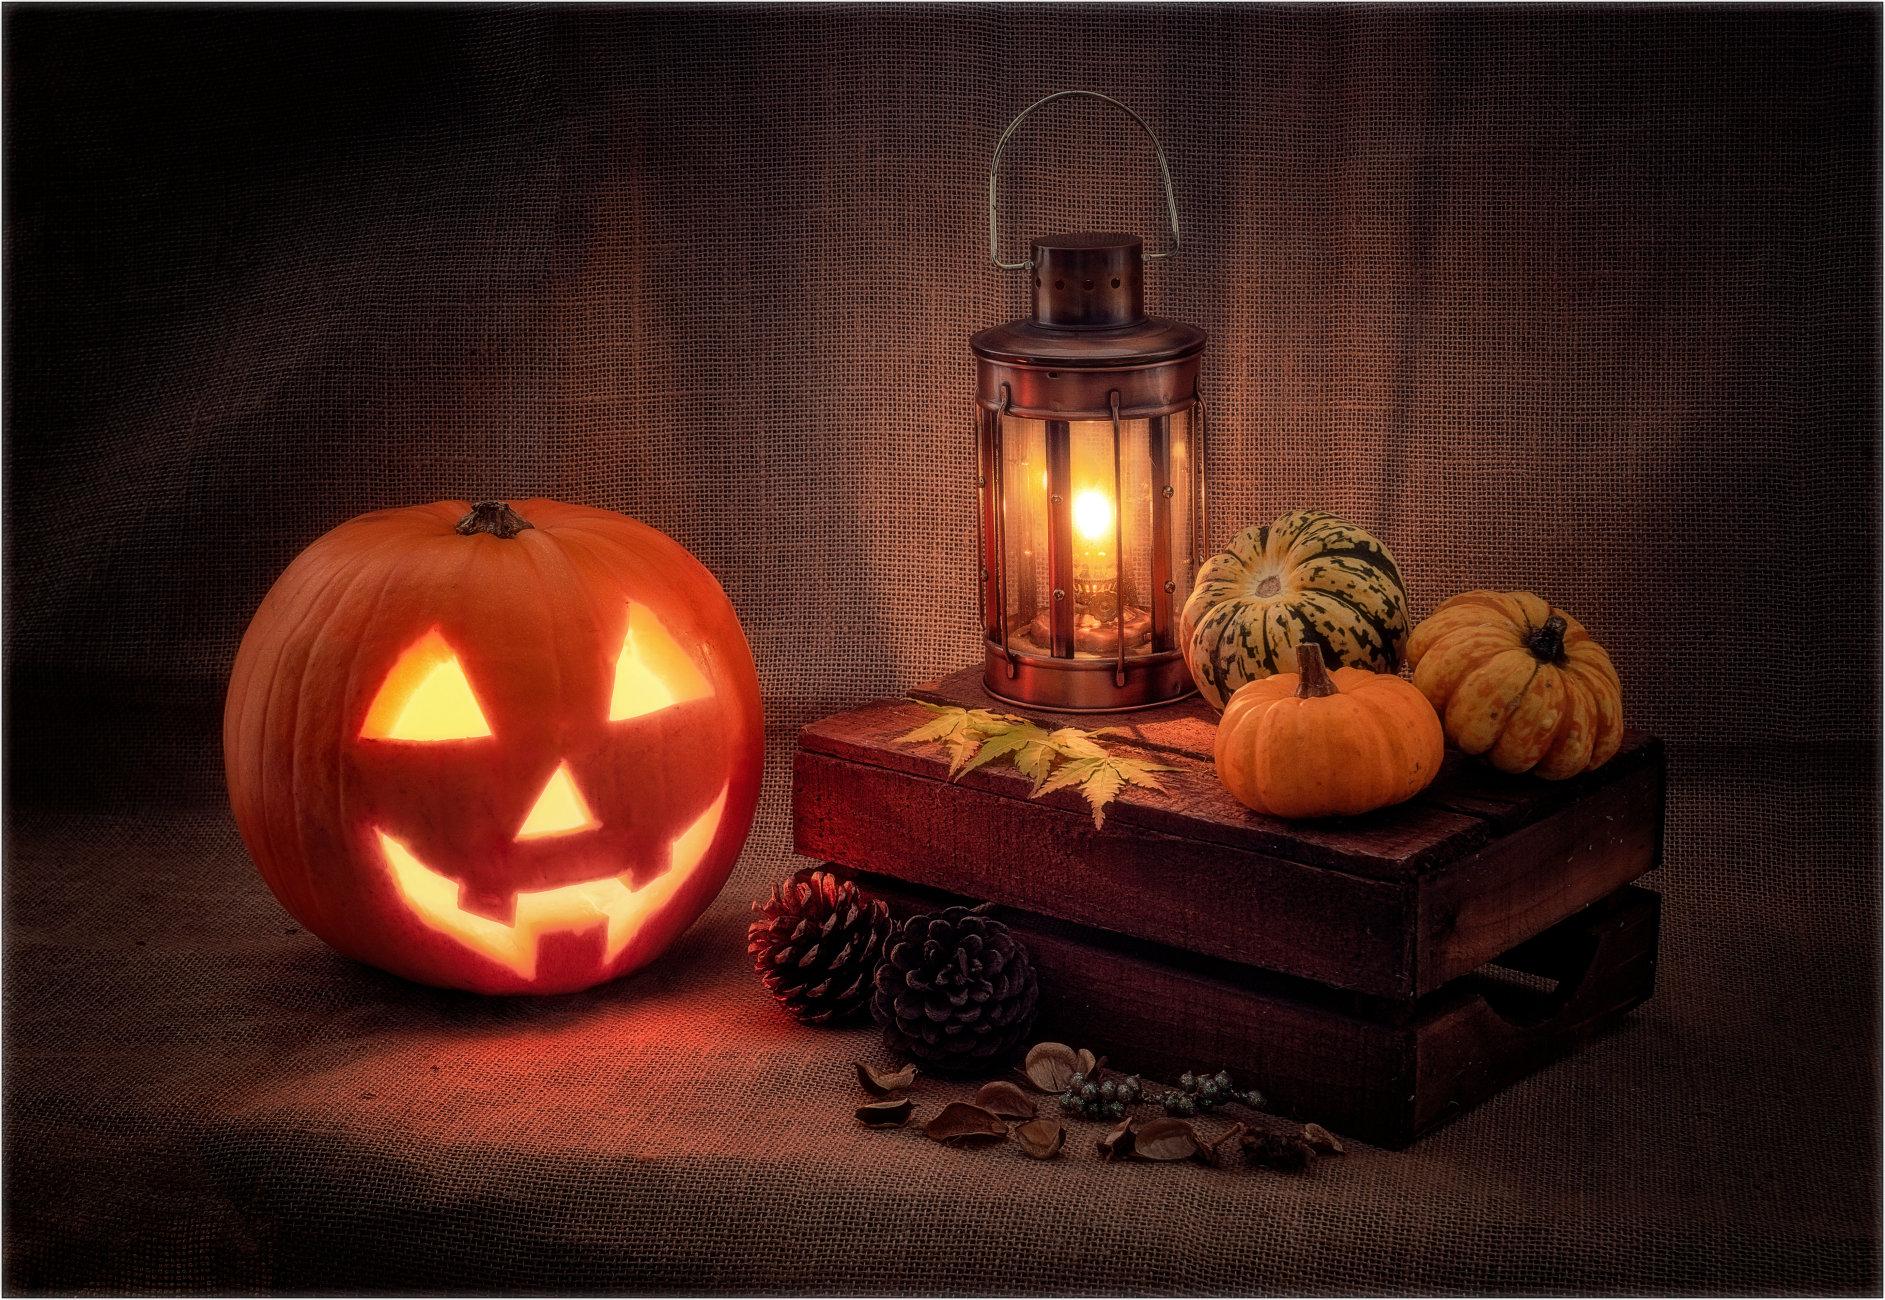 Still Life in Halloween